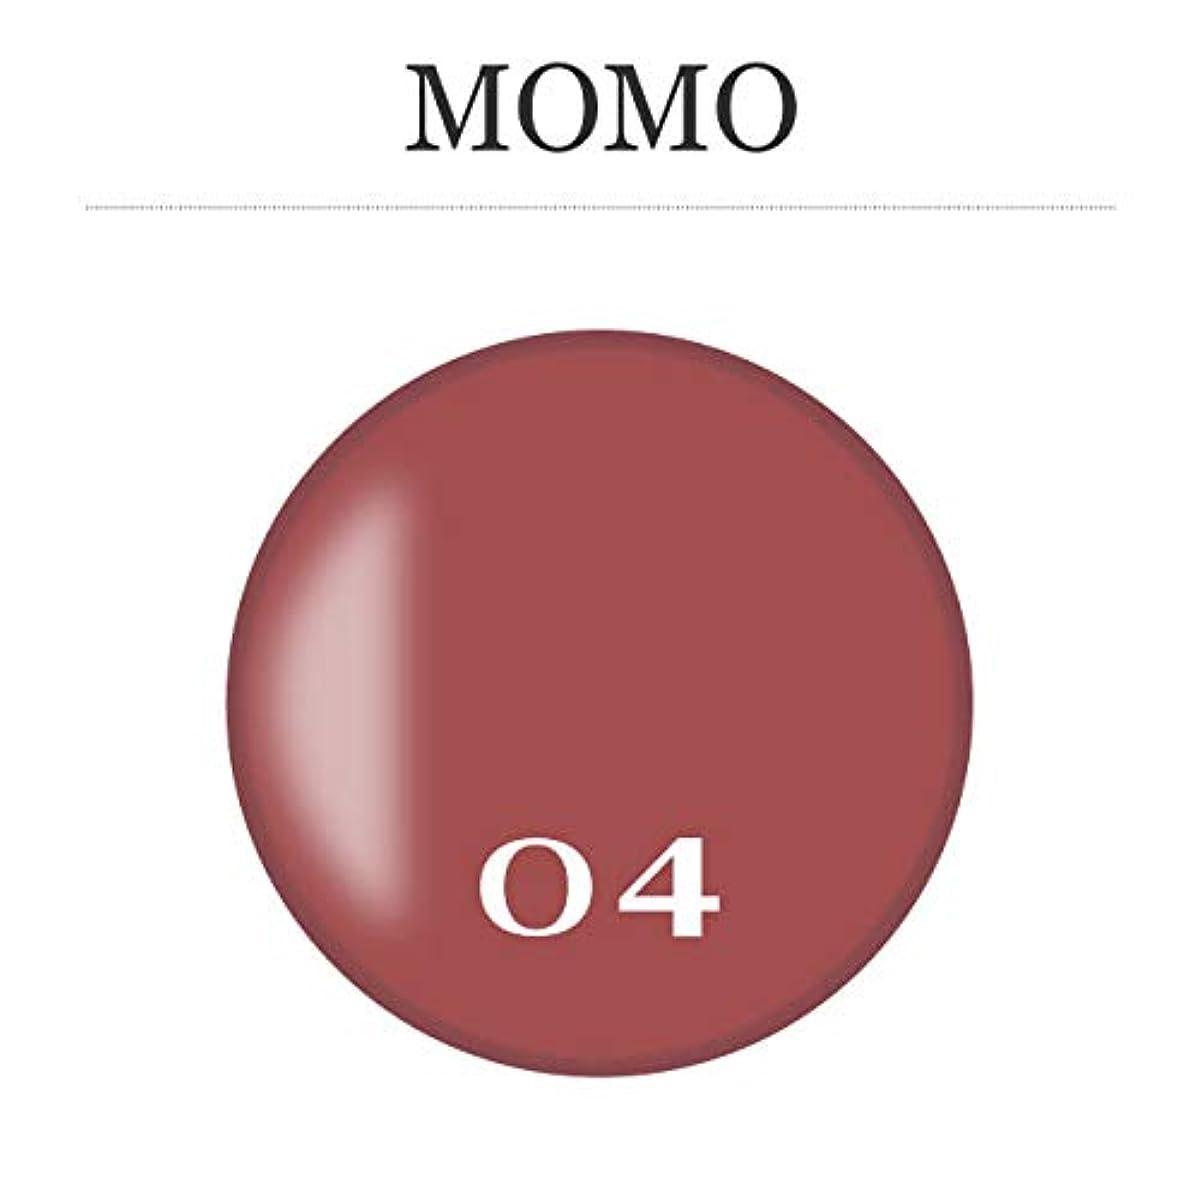 見つけた弱点袋カラージェル MOMO-04 by nail for all